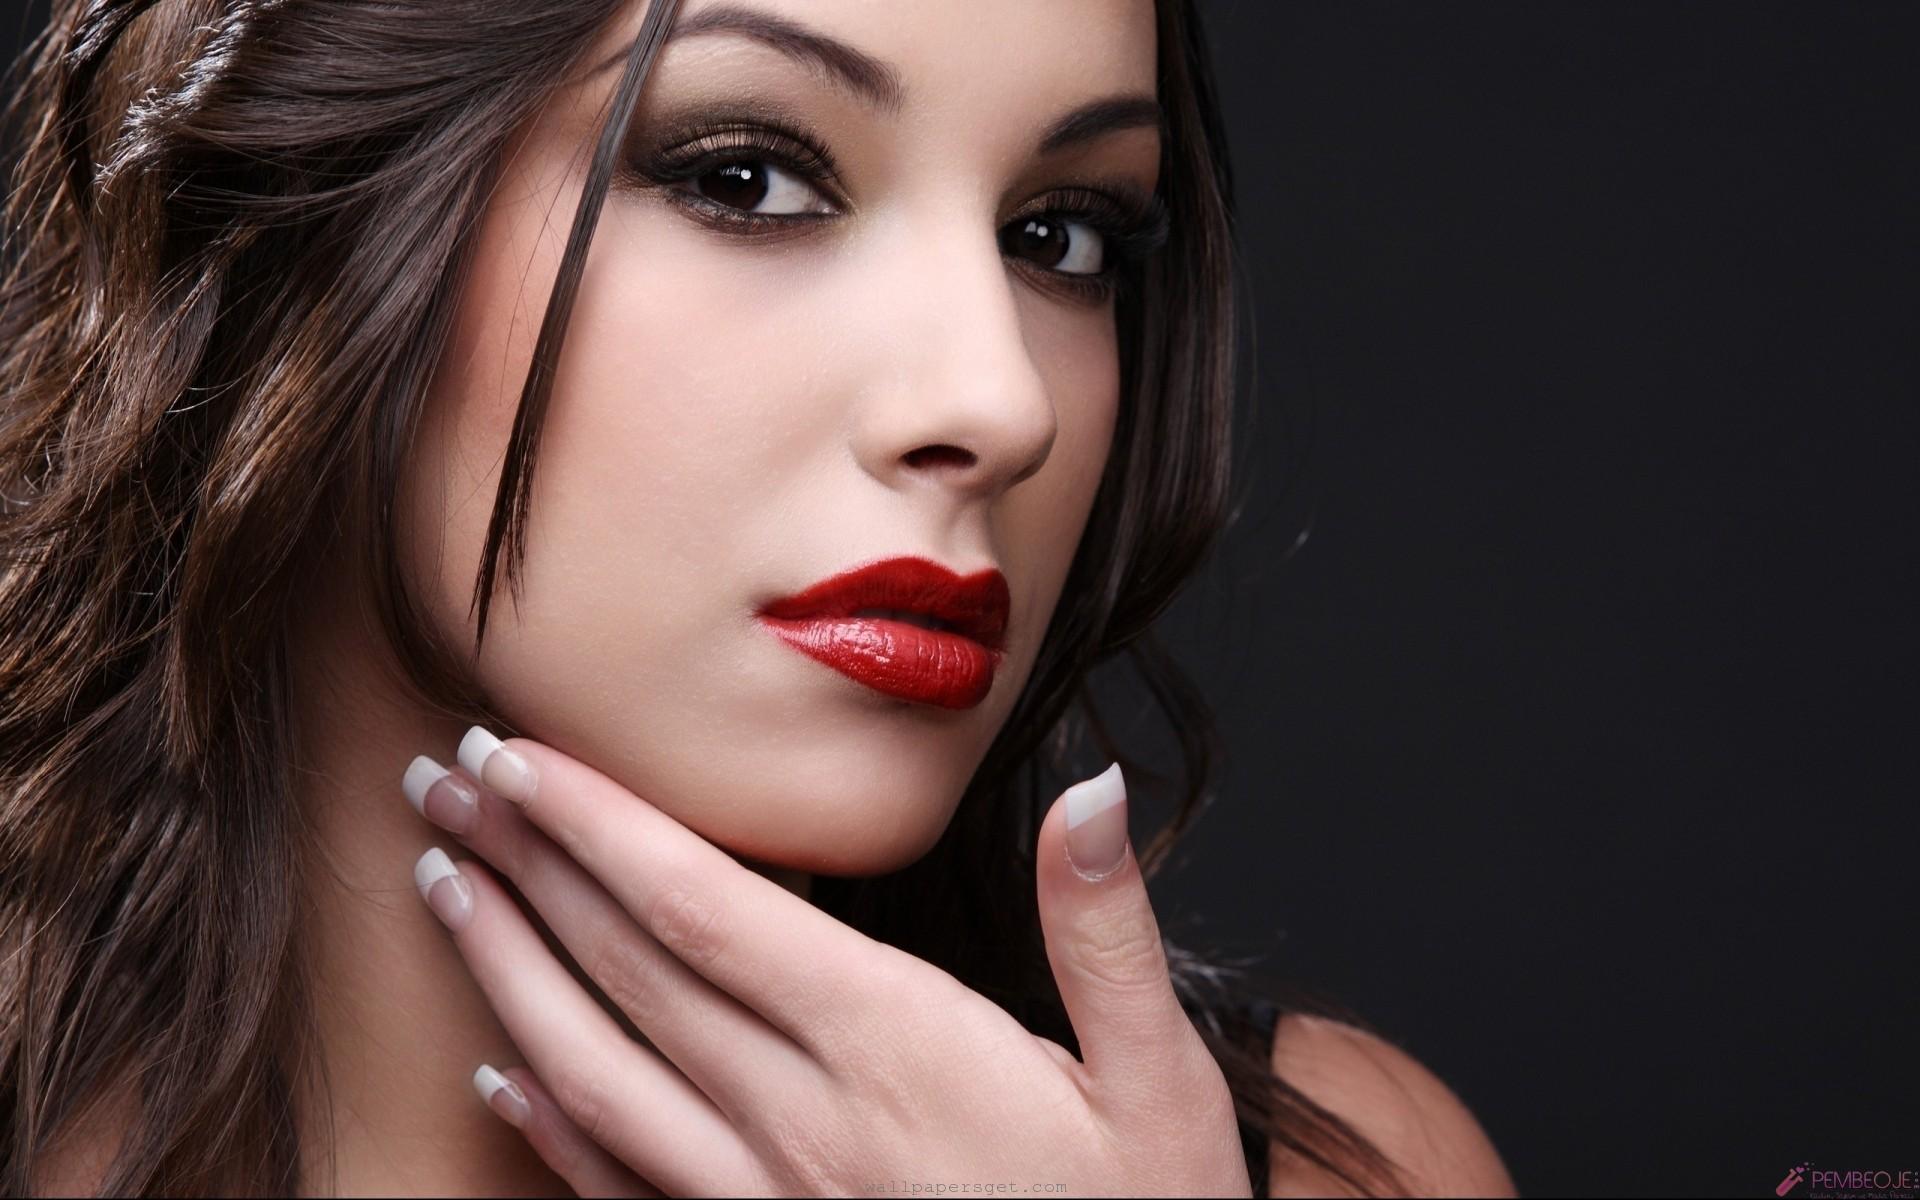 Makyaj Uyarısı: Bayanların En Çok Yaptığı Makyaj Hataları